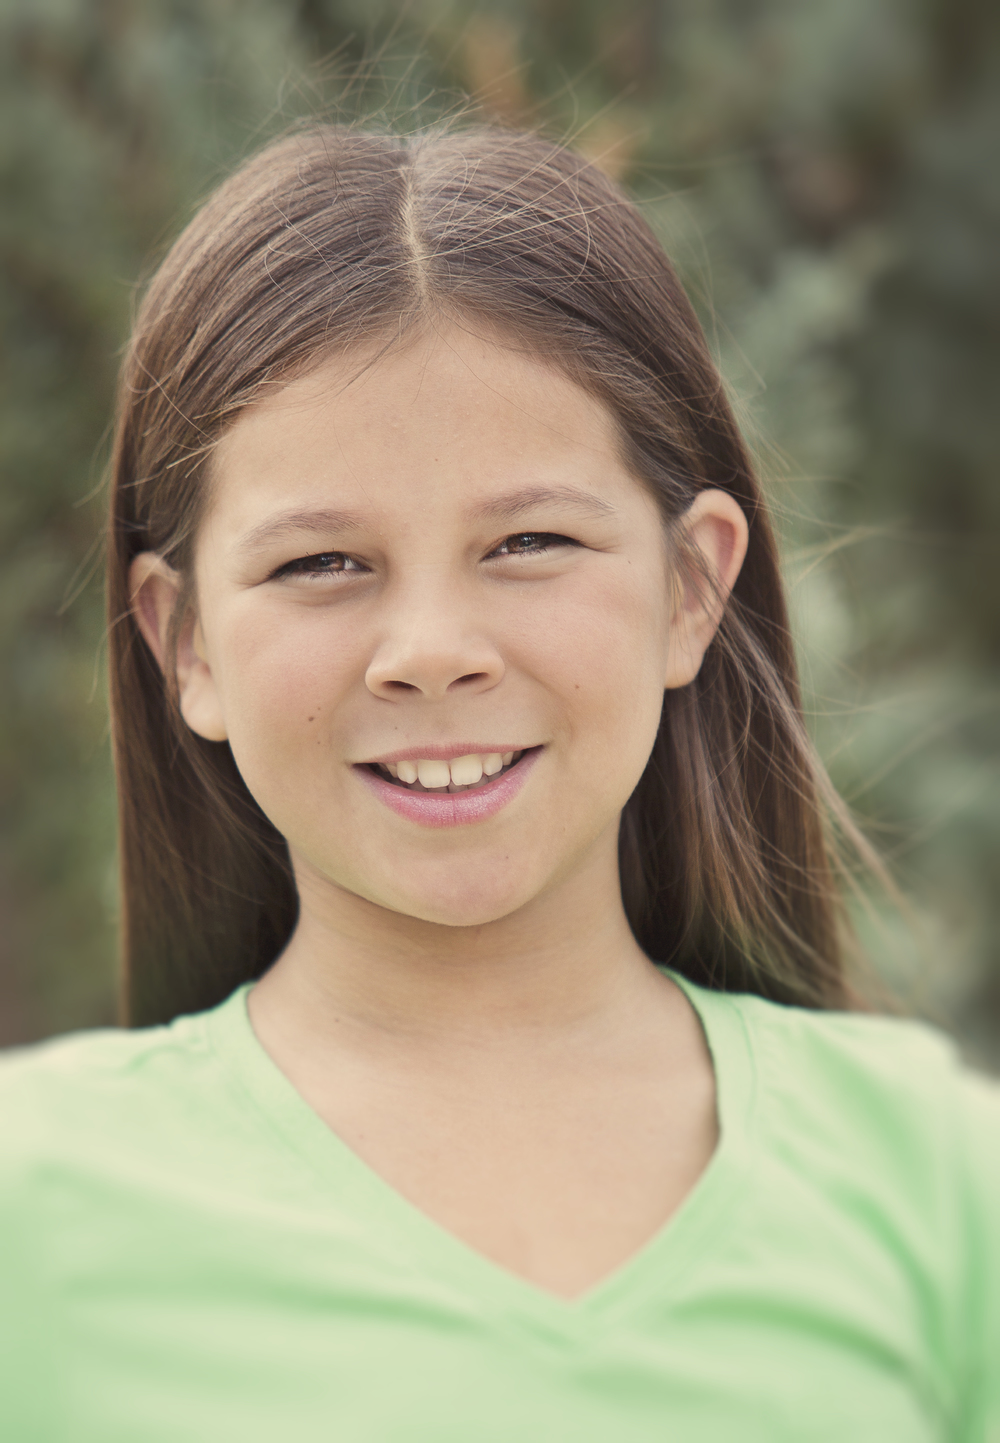 Sophia Augino